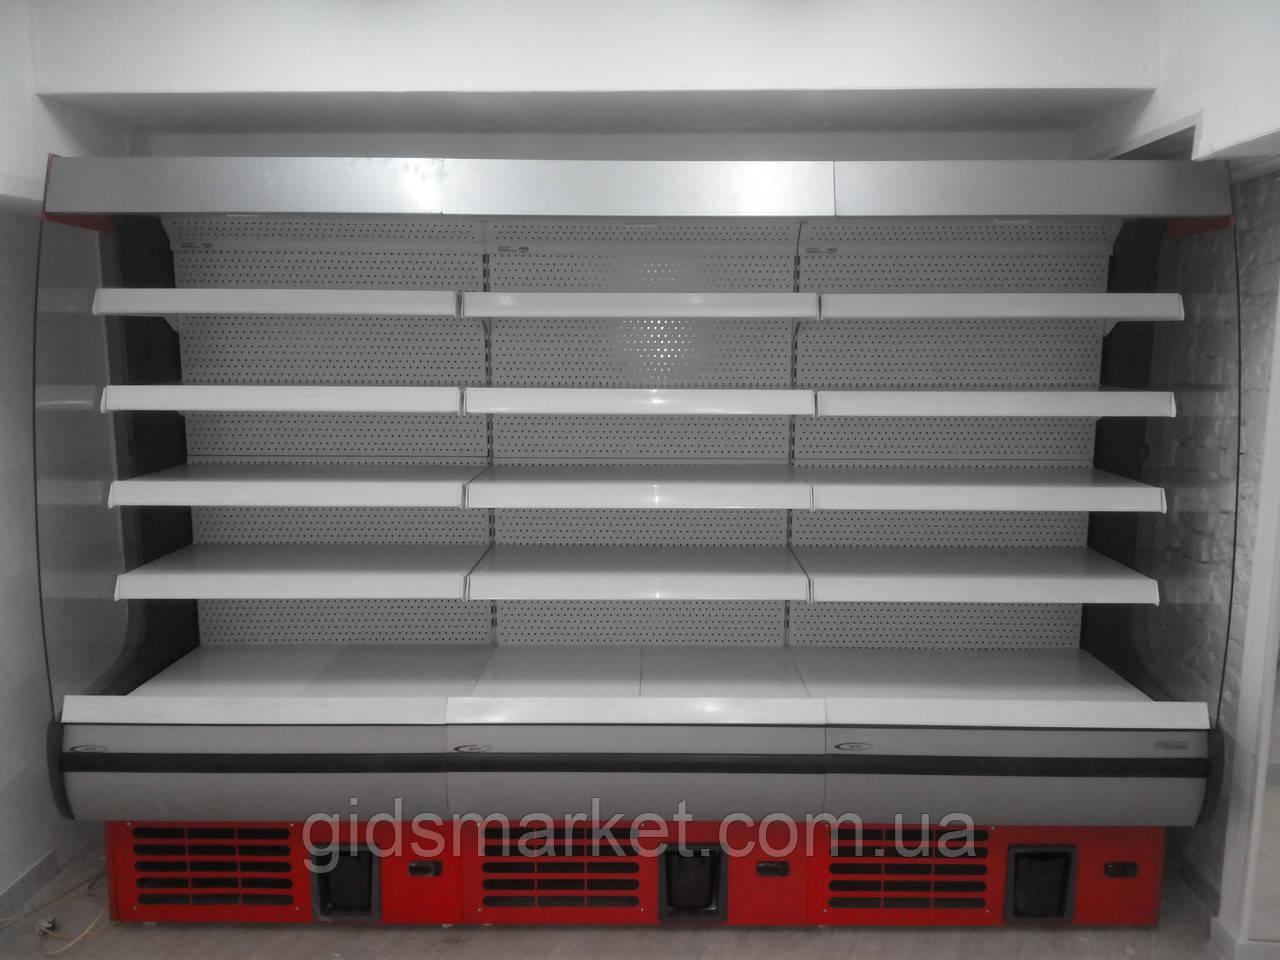 Холодильная горка (хол. регал) Росс-Modena 1,1